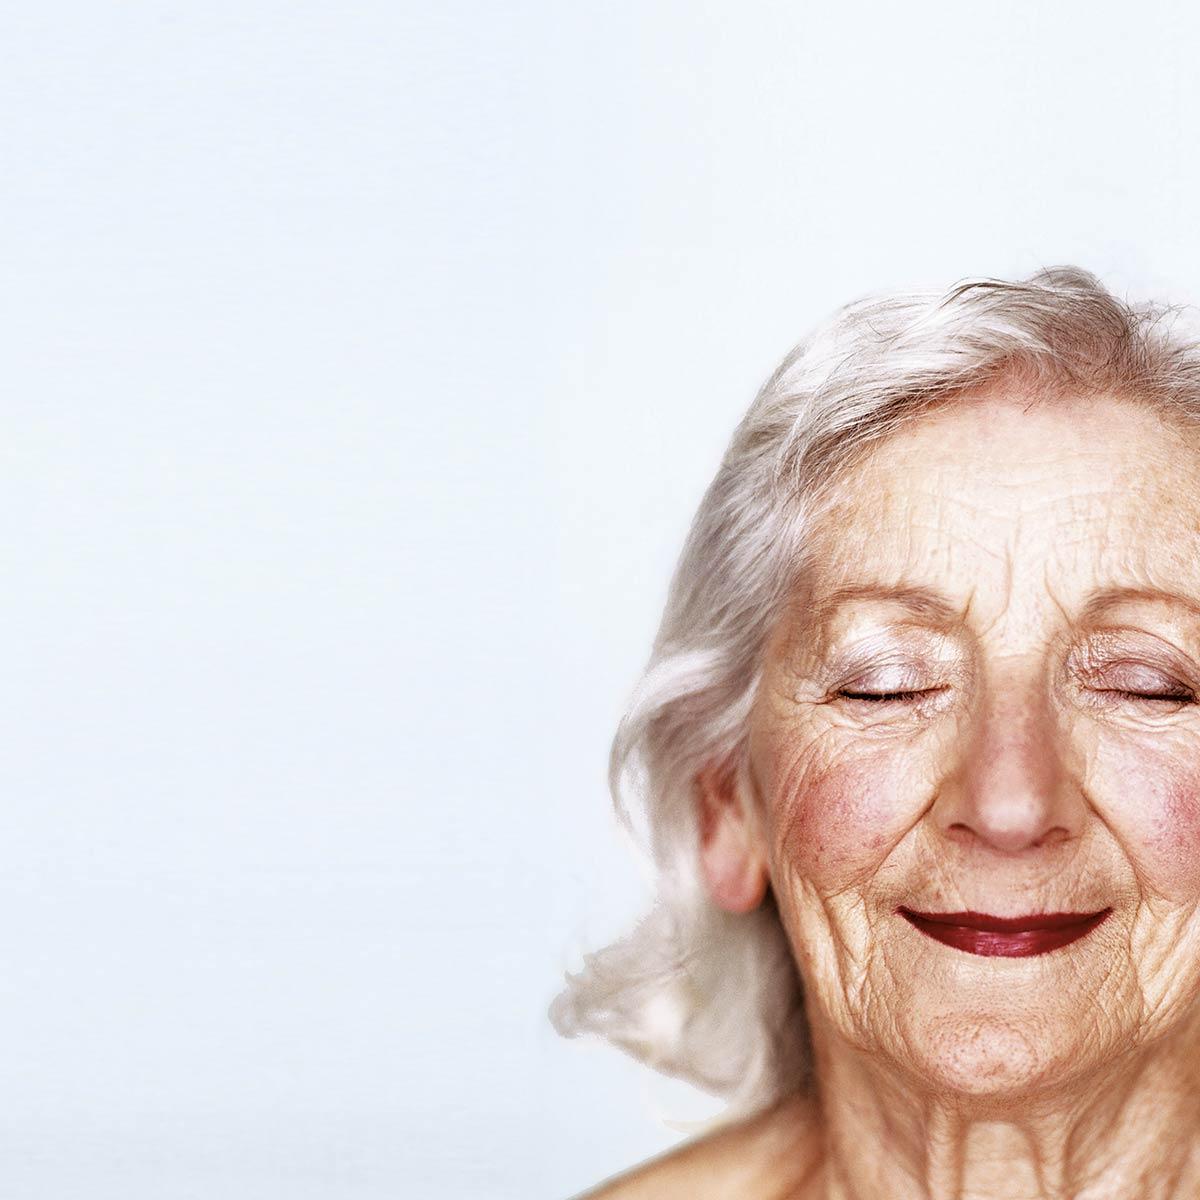 Gesundhaus_Pfullingen_Old_Woman